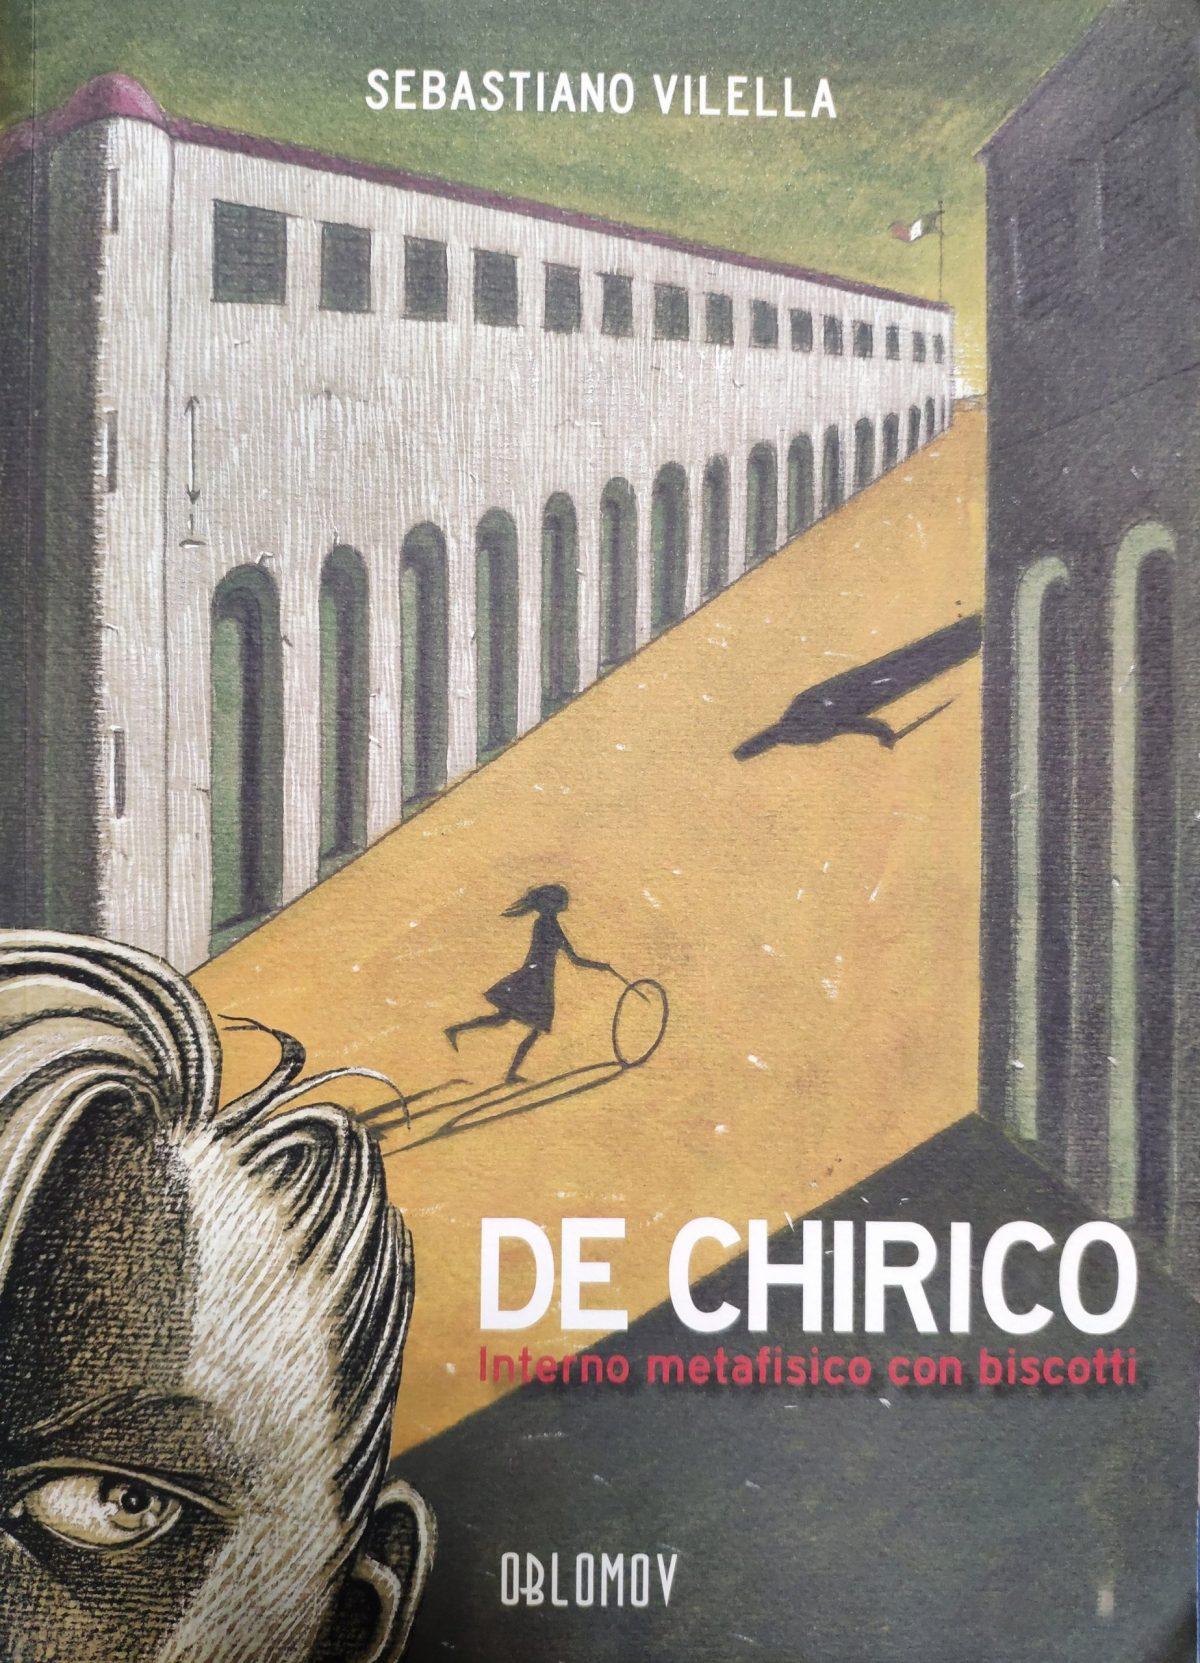 Mio caro fumetto... - Copertina di De Chirico, Interno metafisico con biscotti di Sebastiano Vilella